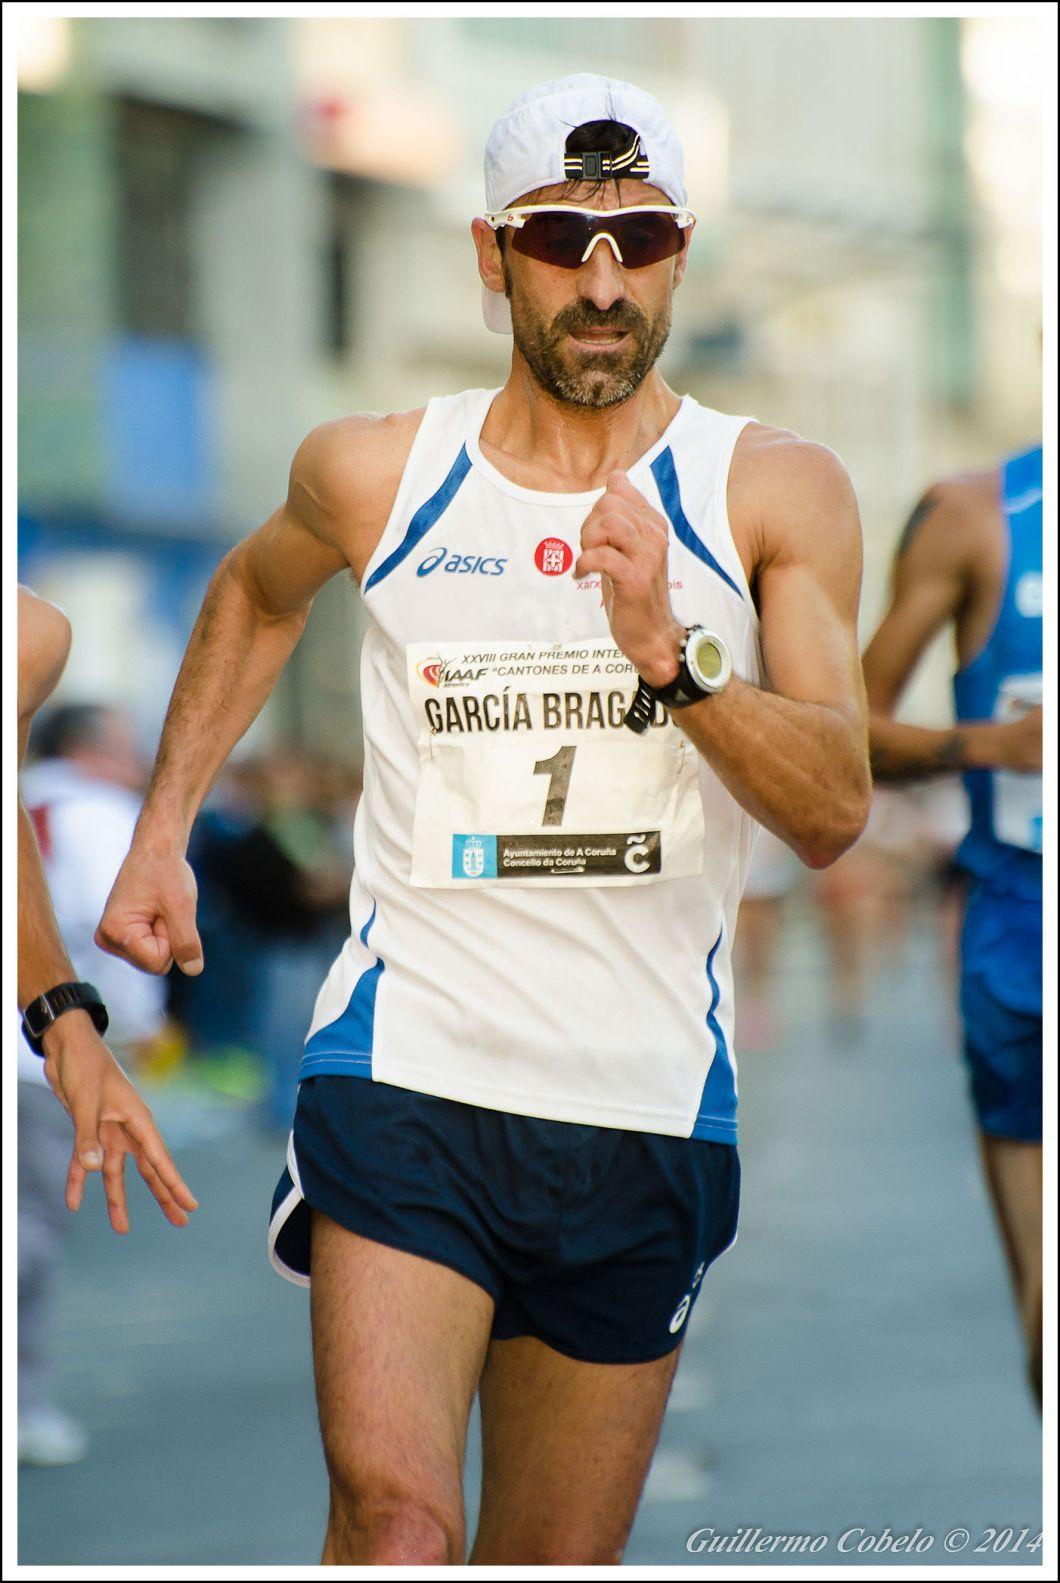 Jesús Ángel García Bragado es el deportista español, junto con Estiarte y el jinete Luis Alvarez, con más participaciones en JJ.OO., 6 participaciones, Y el atleta internacional con más participaciones en mundiales, 10.